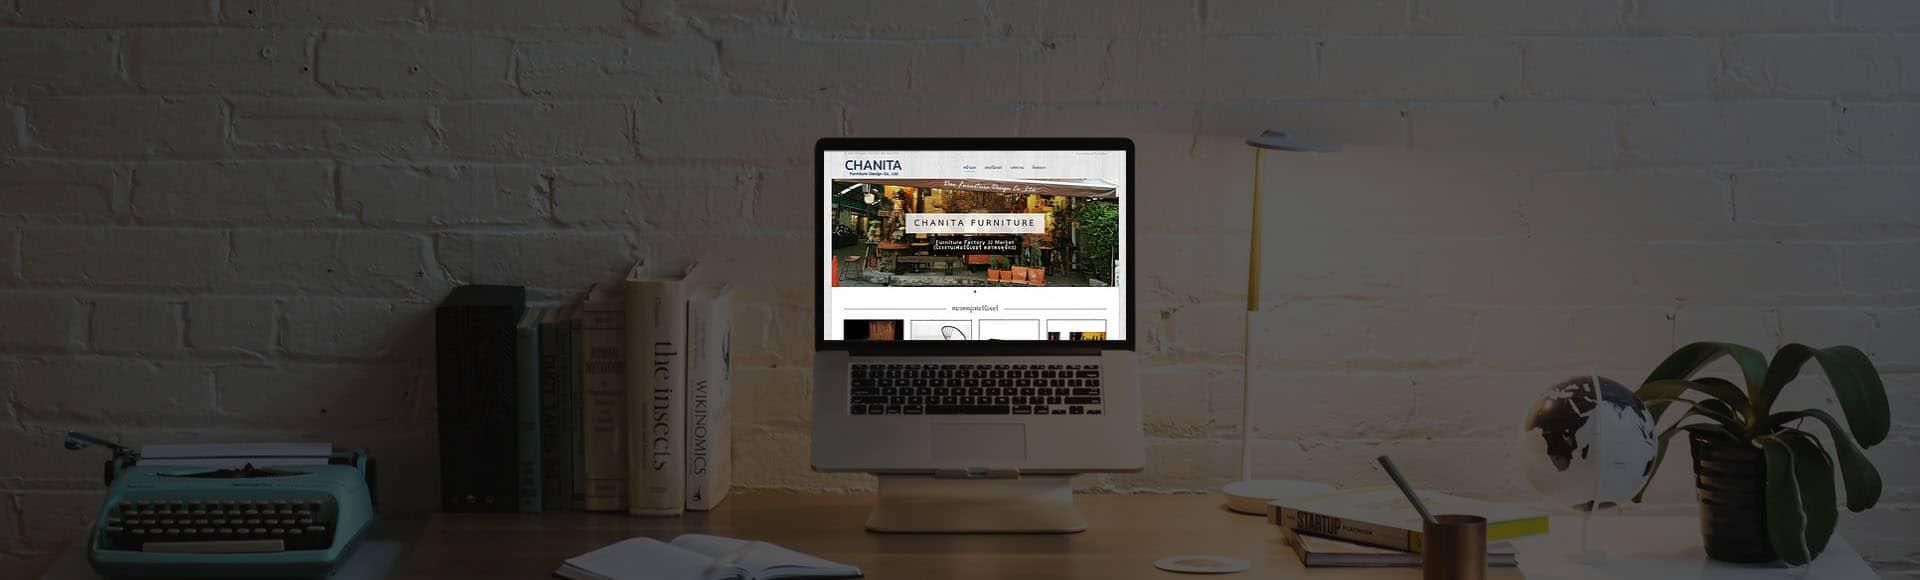 เว็บไซต์ Chanita Furniture | บริการรับทำเว็บไซต์ ออกแบบเว็บไซต์